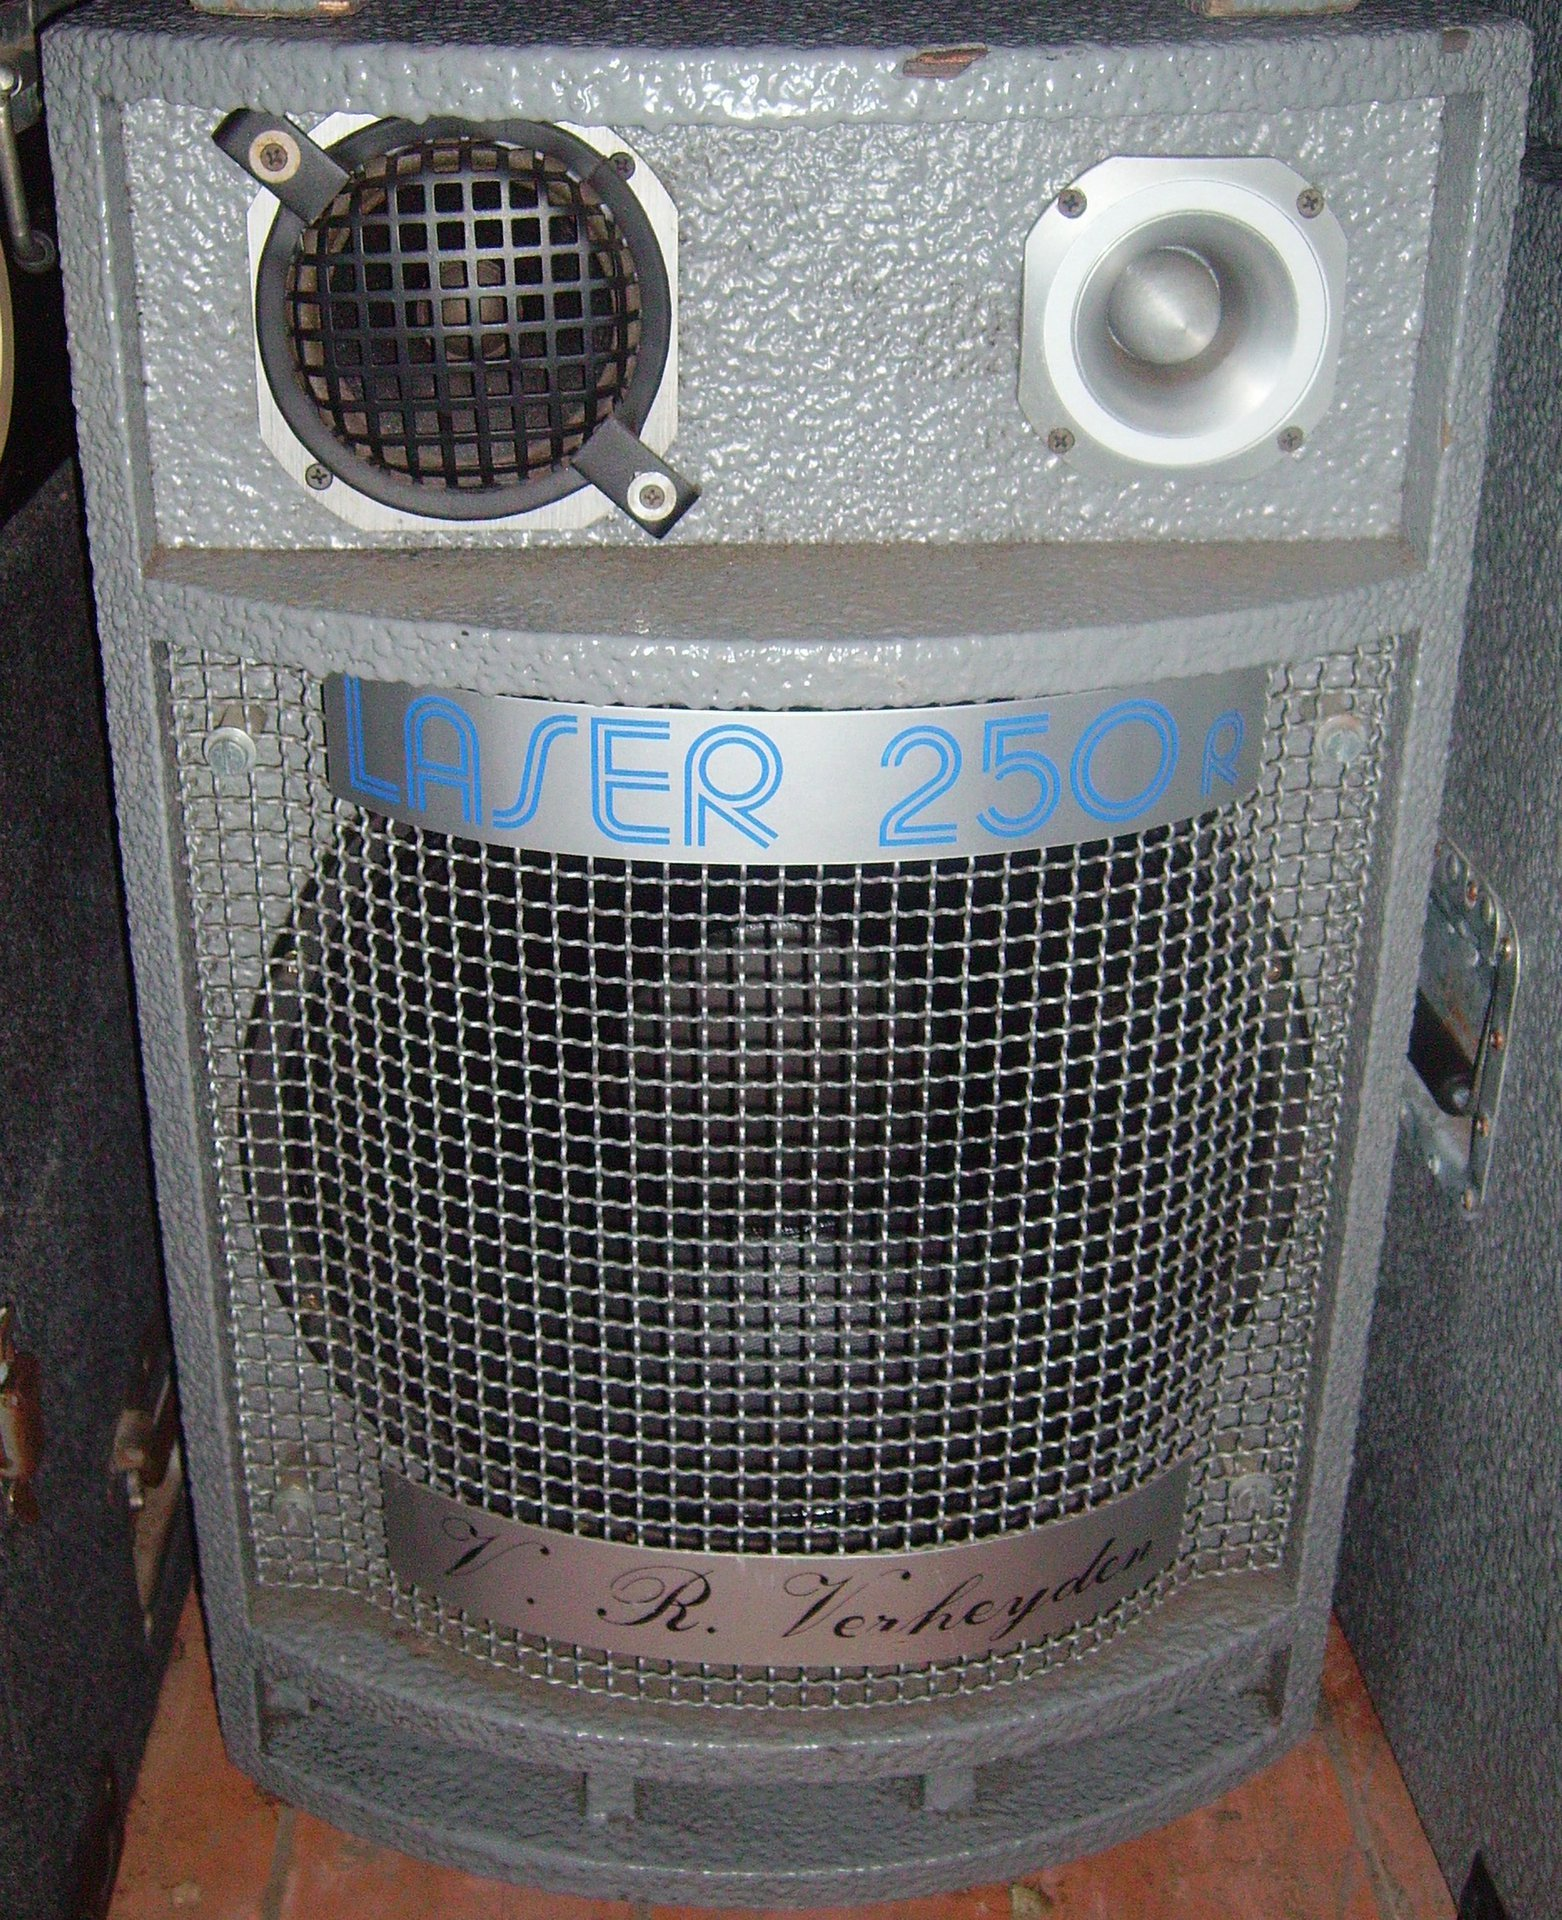 2)+Laser+250r+.JPG